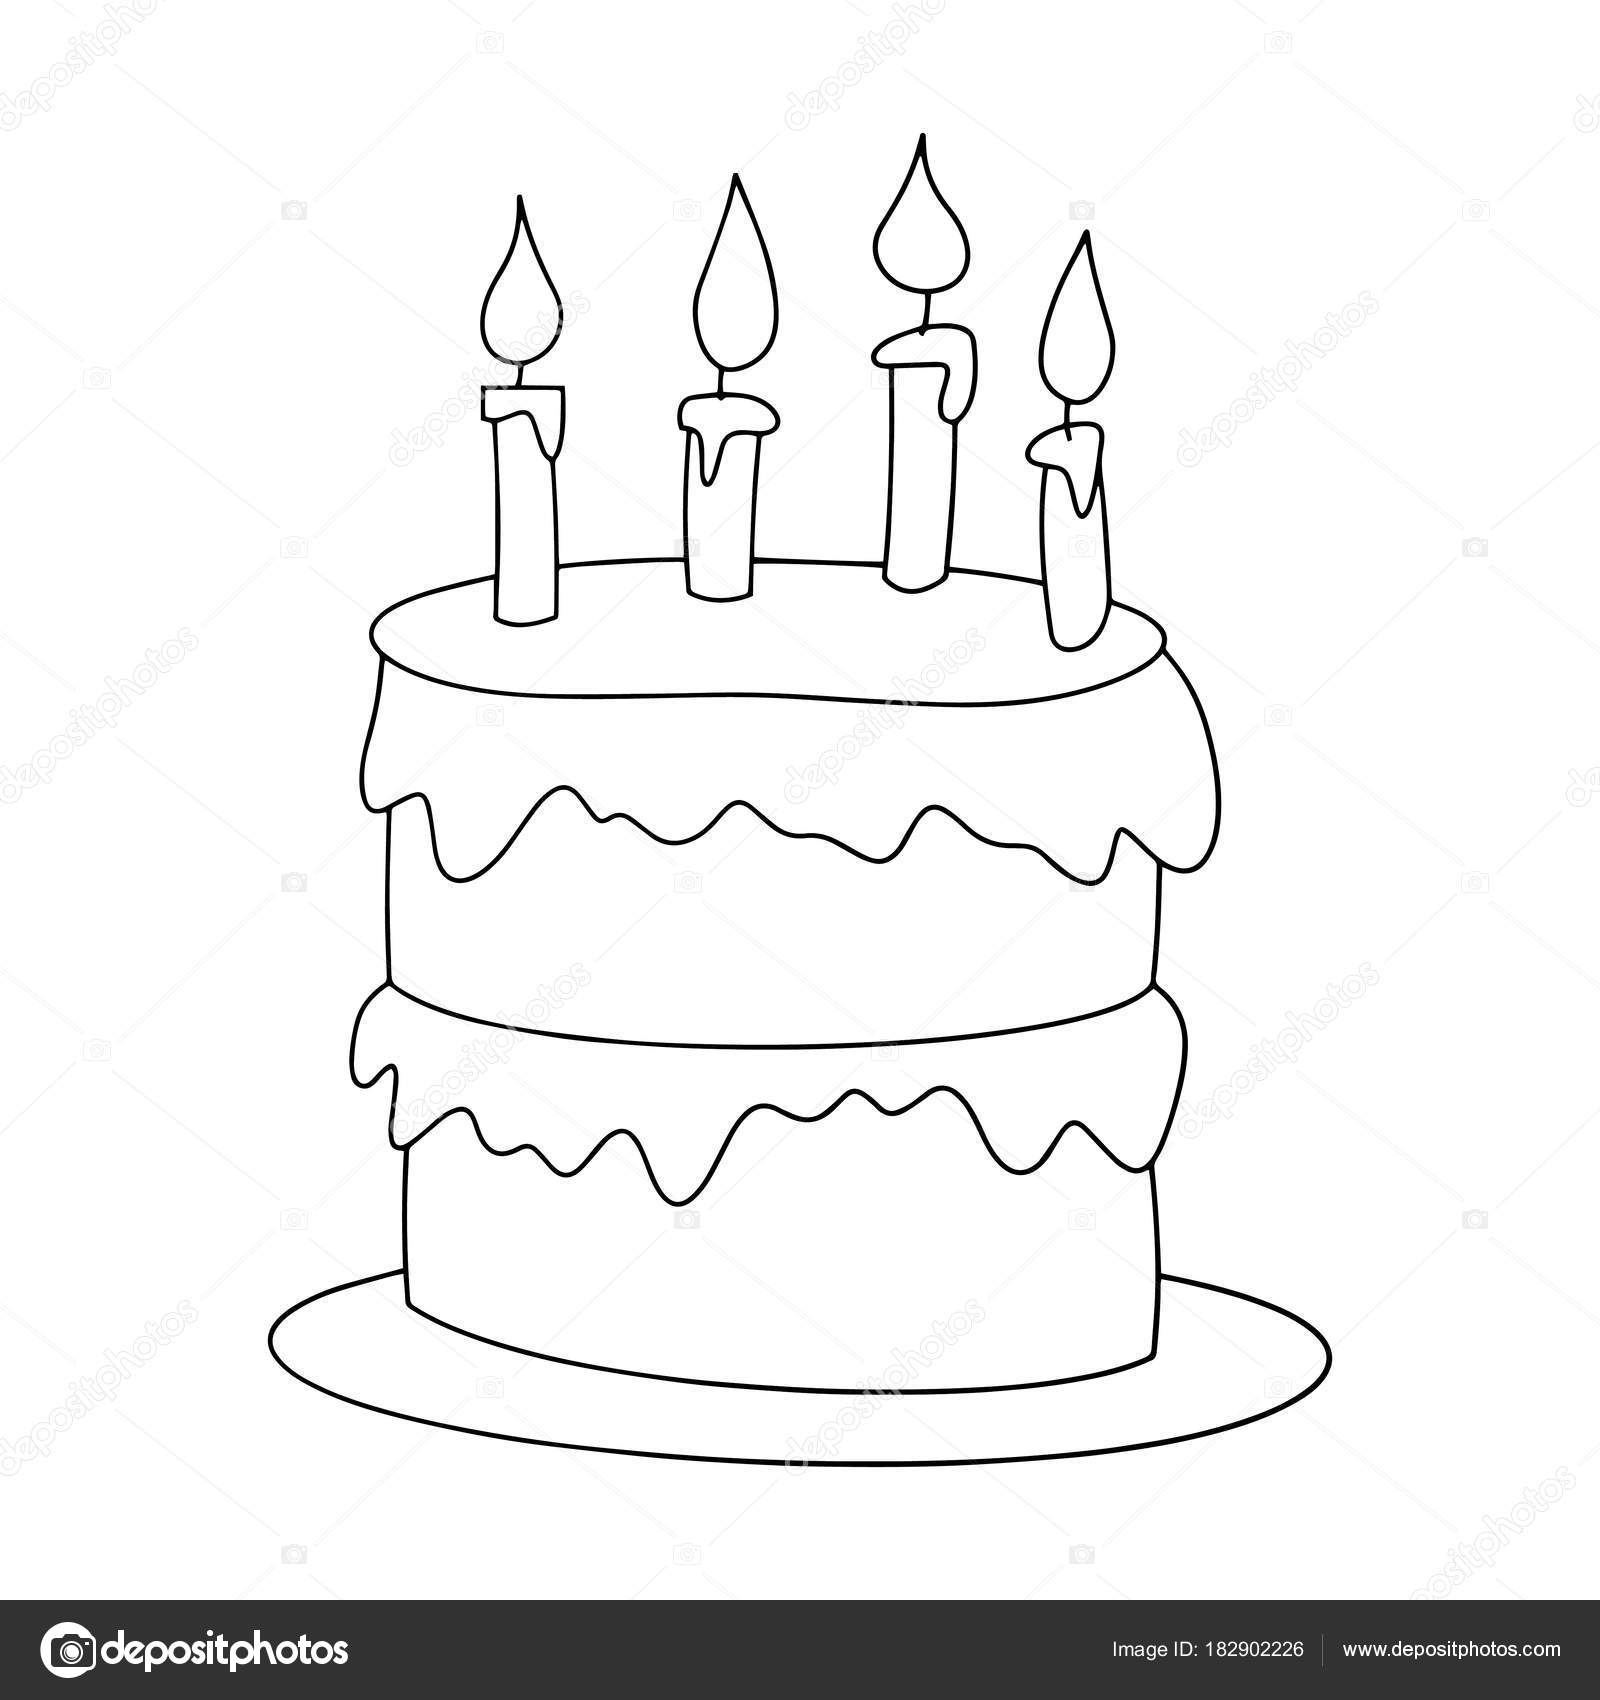 Animado: silueta de pastel para colorear | Impresiones Pastel